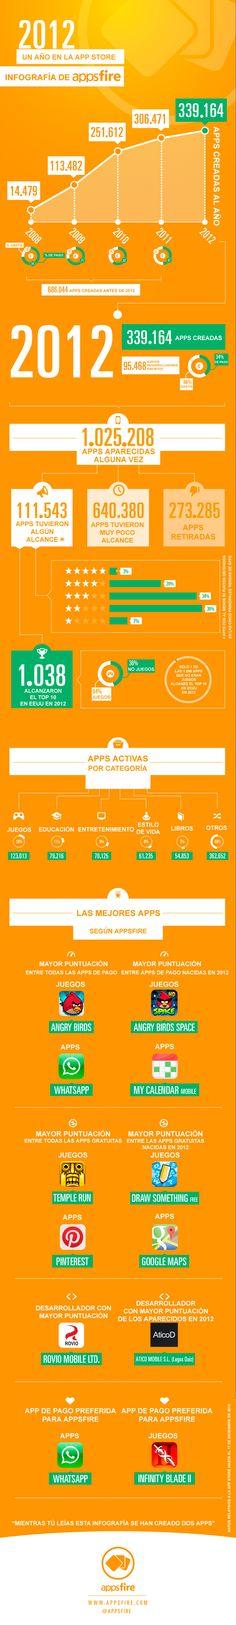 Así ha sido el 2012 para la #AppStore. | #app #apps #iOS #apple